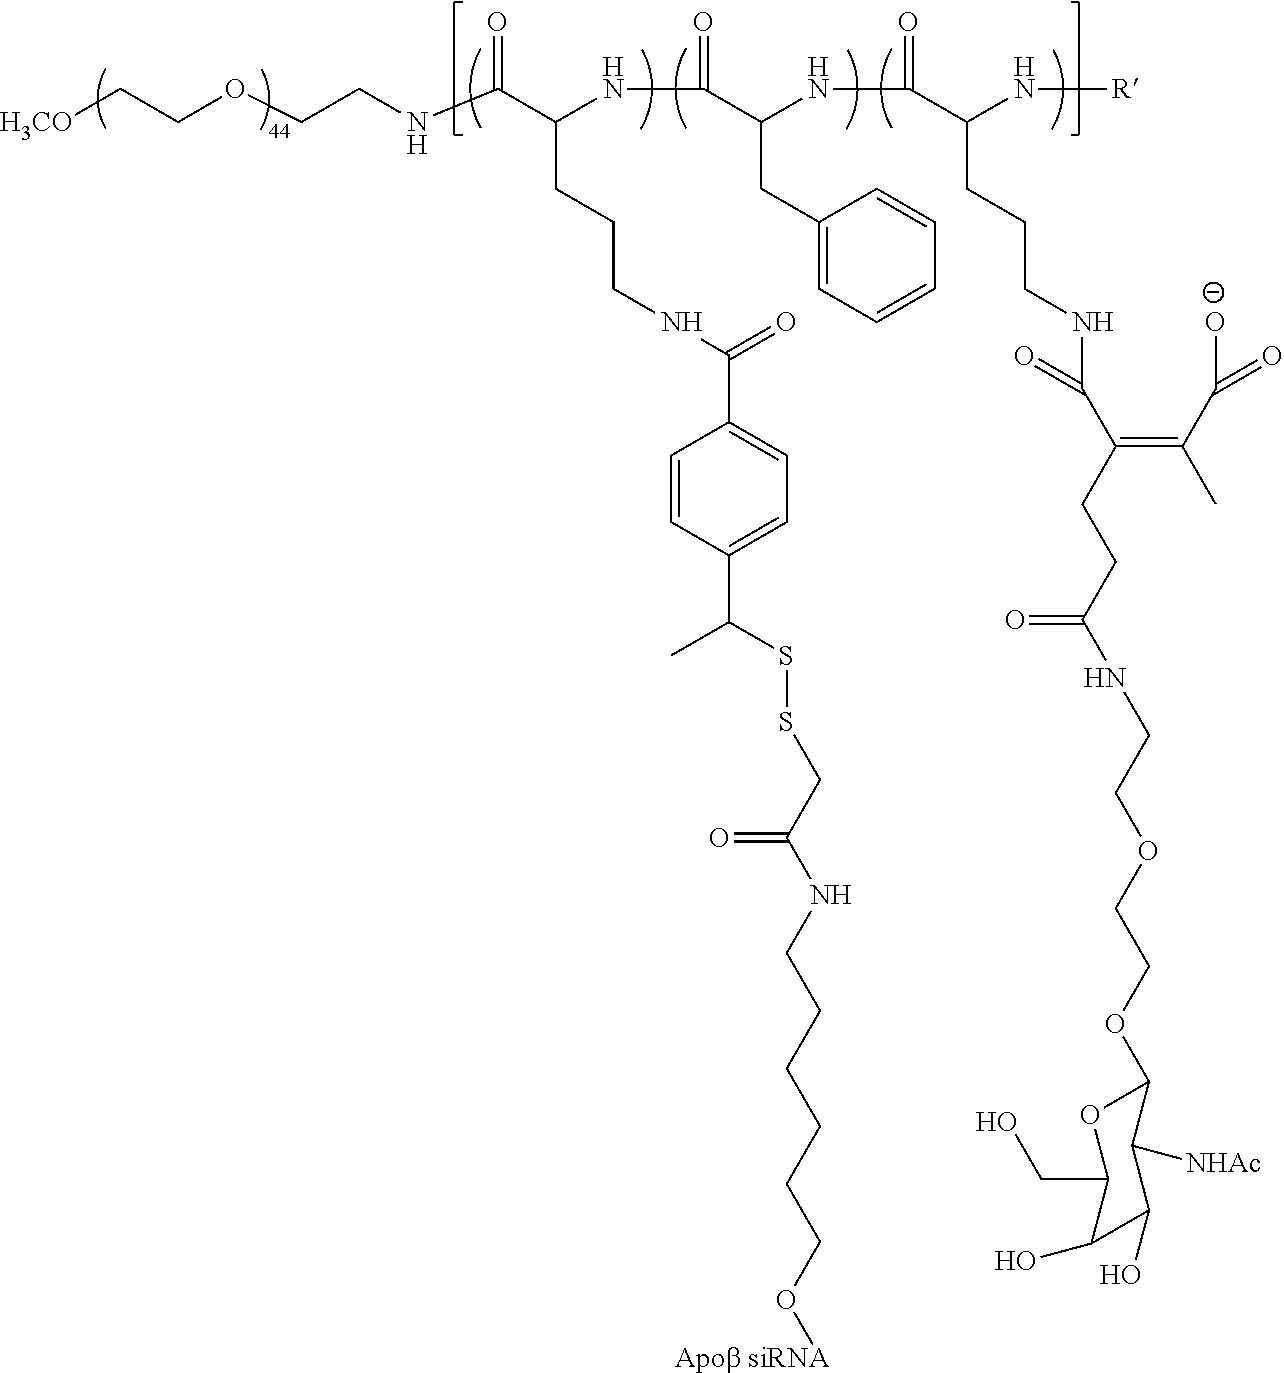 Figure US08987377-20150324-C00026